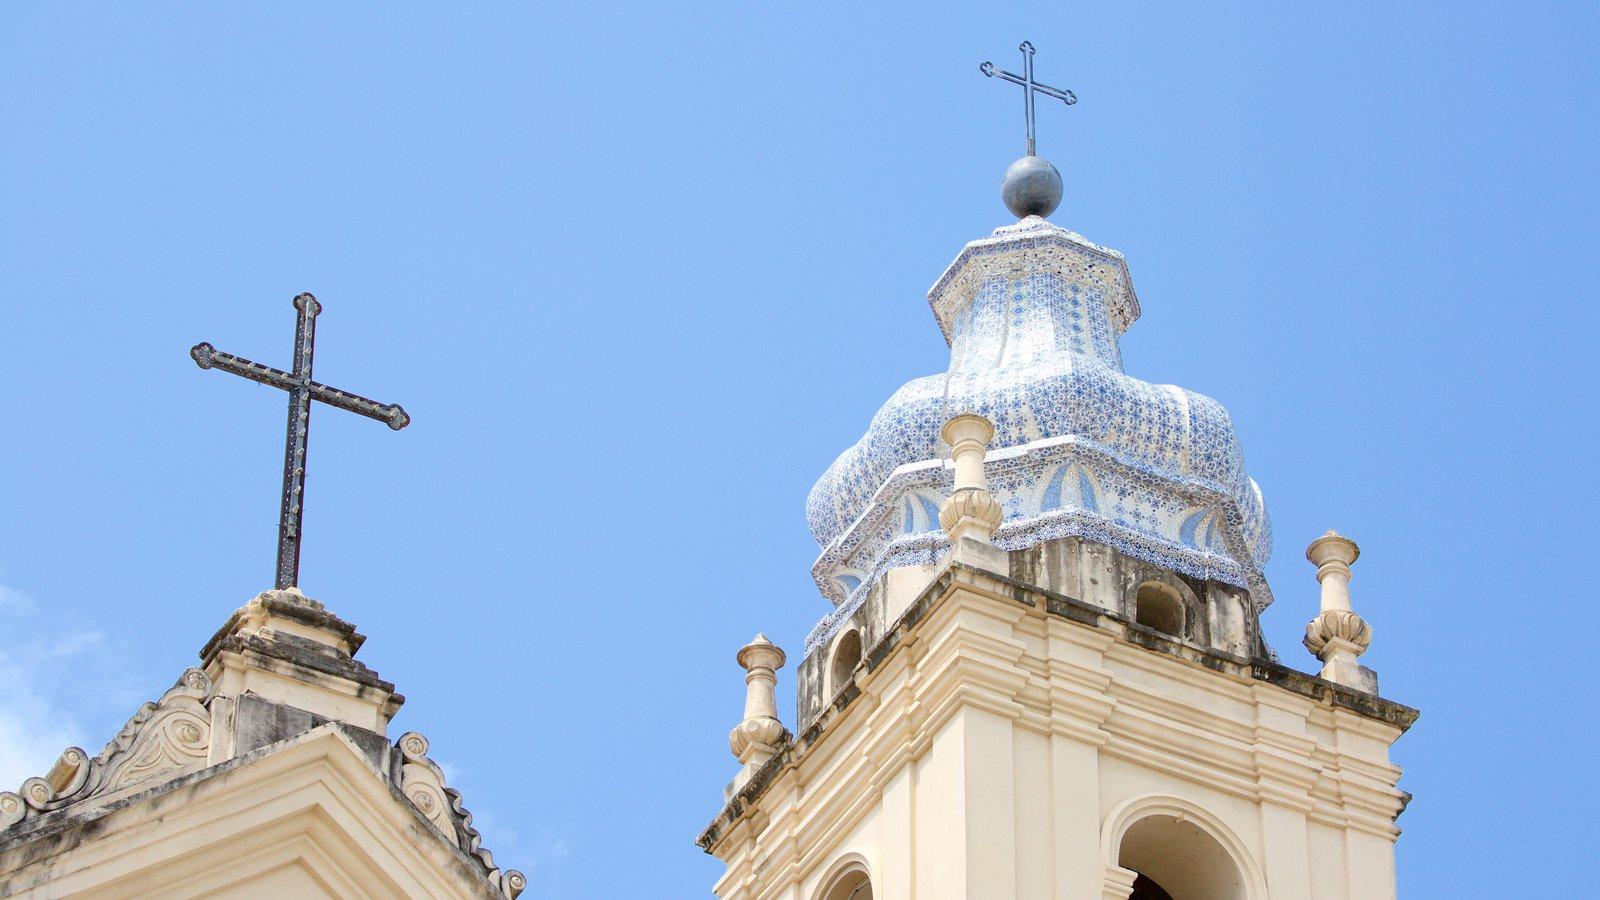 Catedral Metropolitana de Maceió caracterizando elementos de patrimônio, uma igreja ou catedral e aspectos religiosos